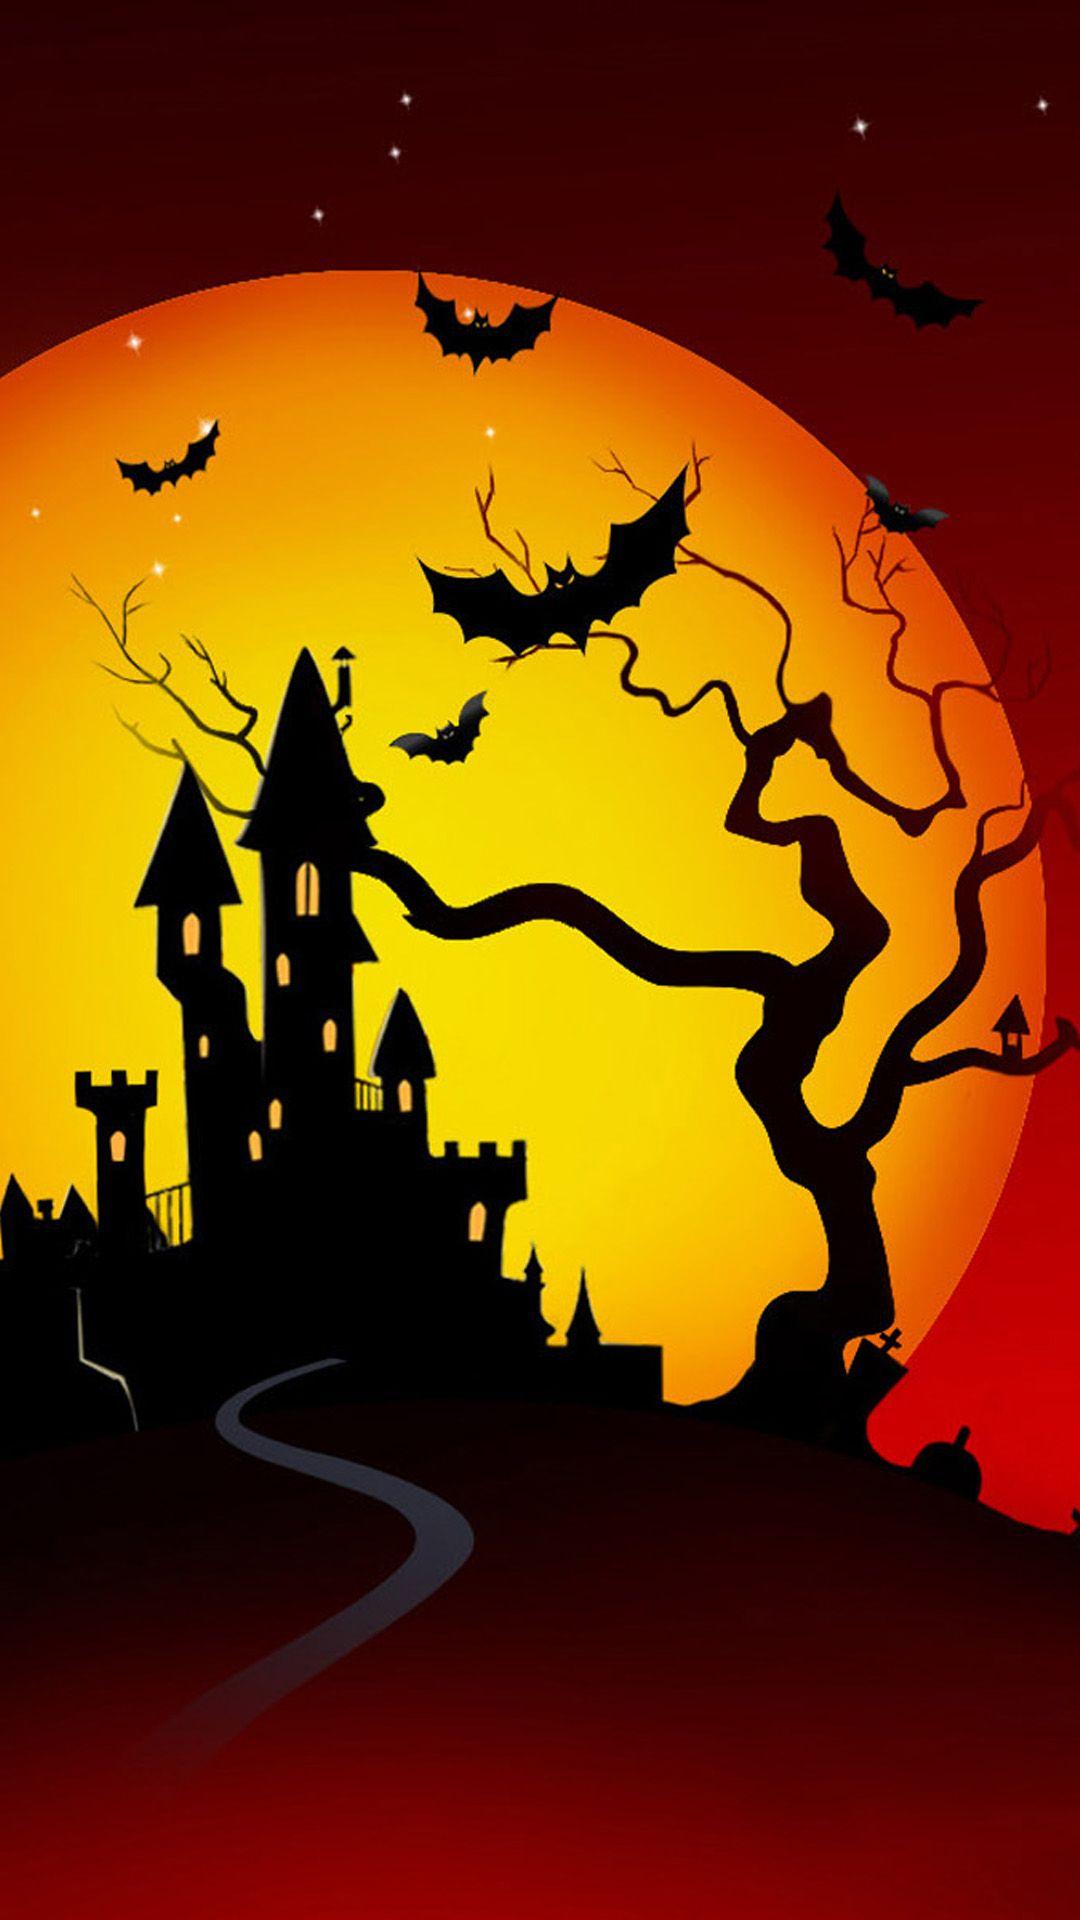 Happy Halloween Desktop Wallpapers 2015 http//www